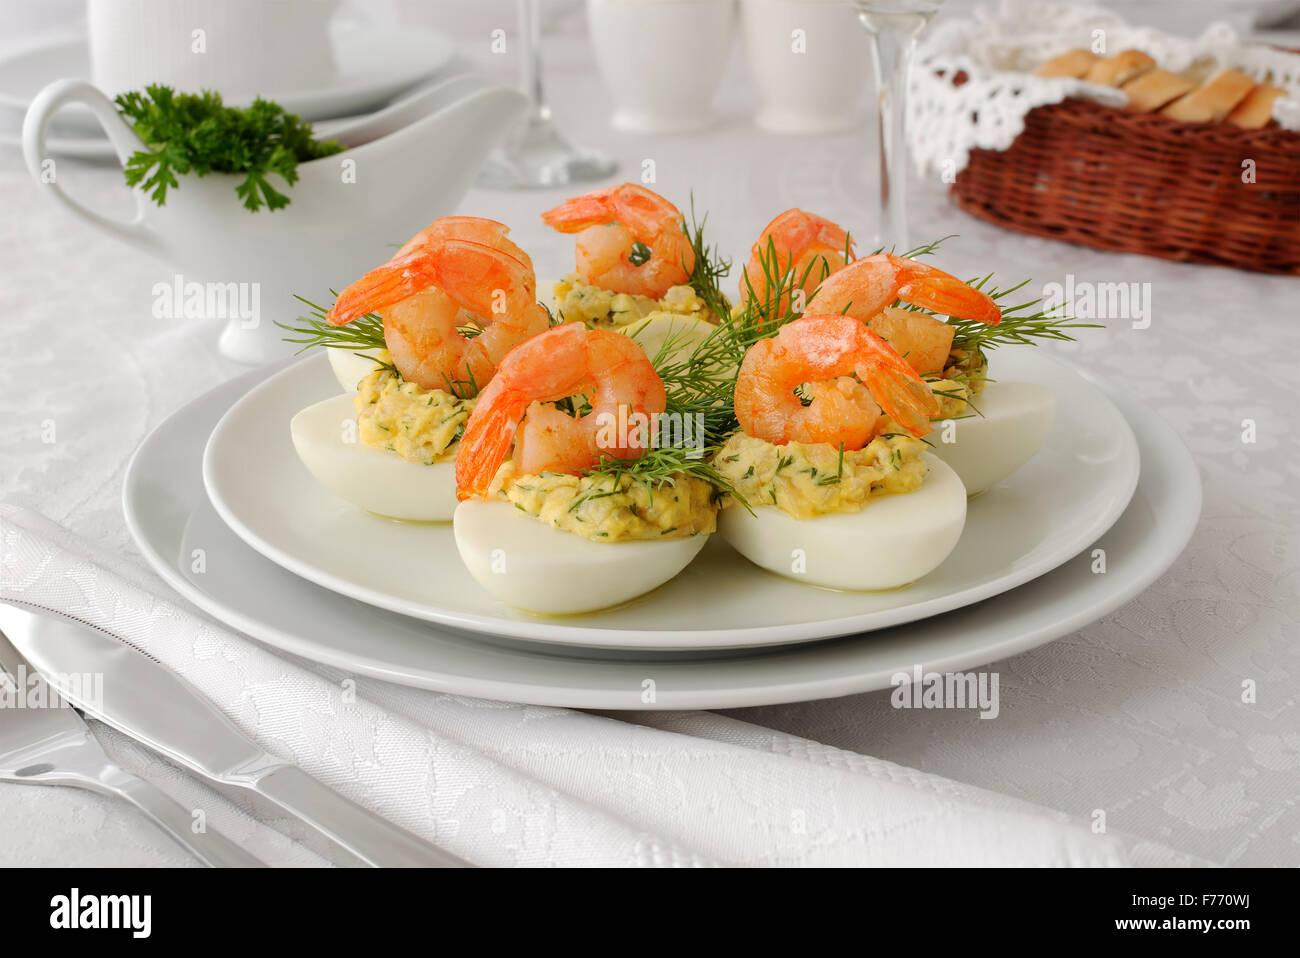 Oeufs farcis aux crevettes grillées avec farce épicée Photo Stock